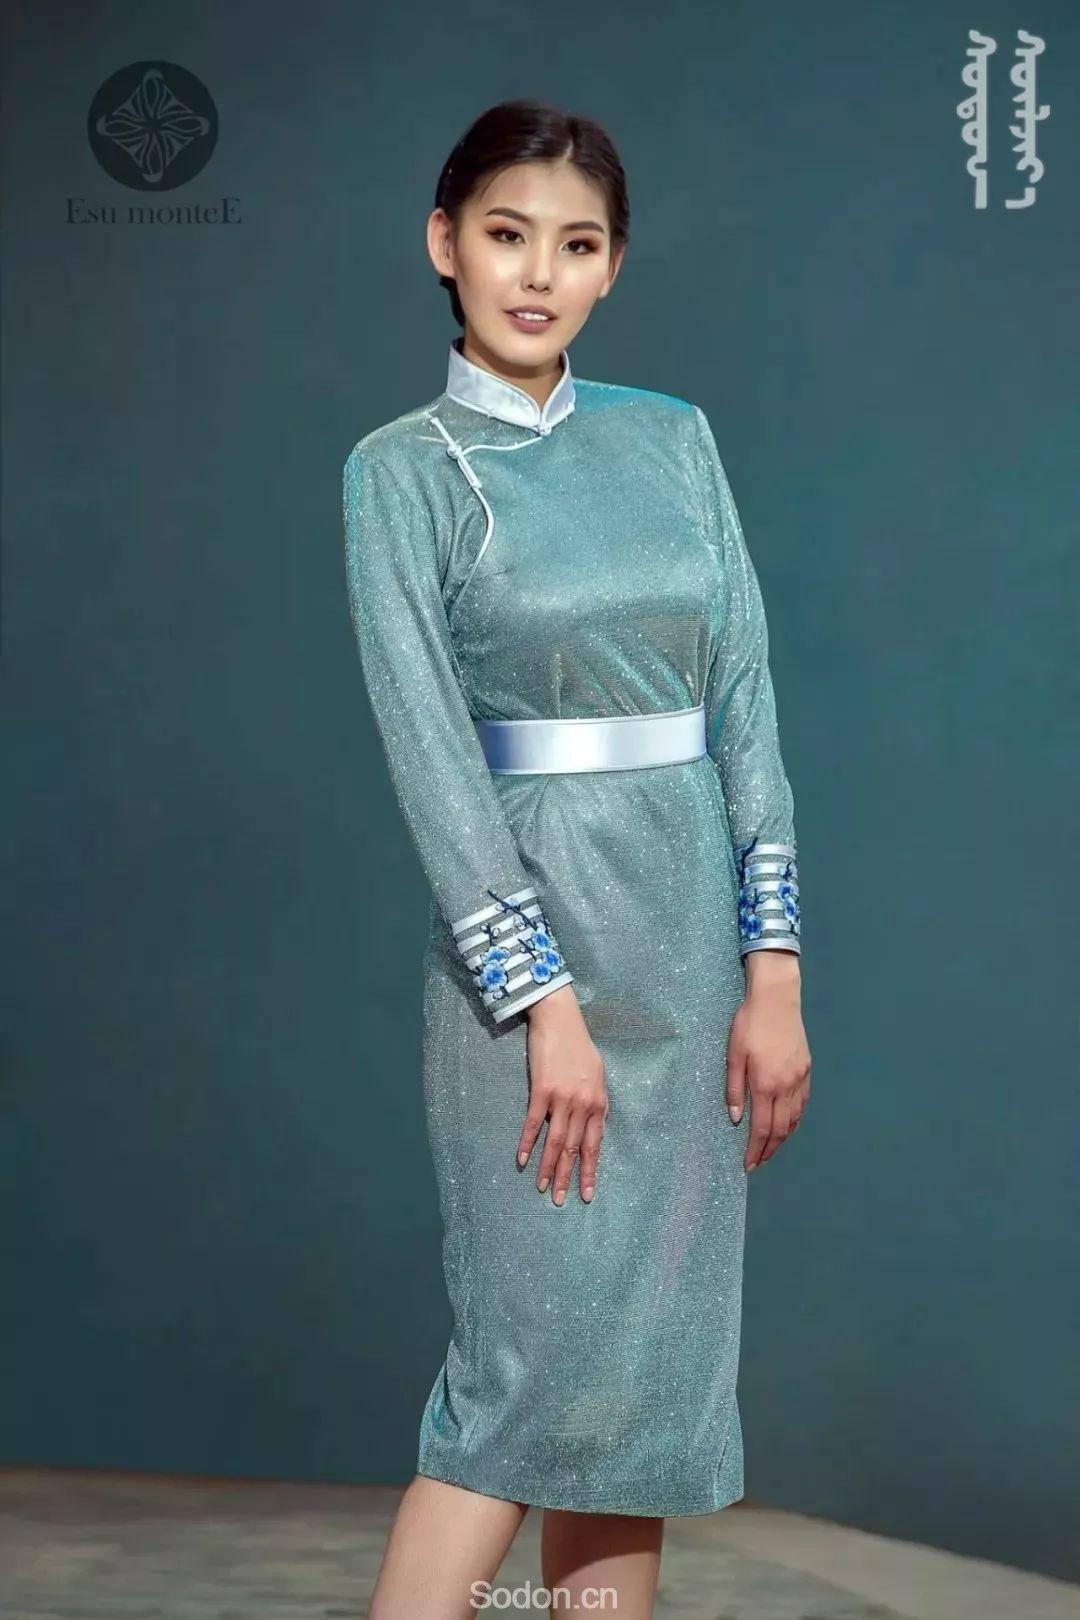 蒙古国Esu蒙古时装2019夏季新款首发! 第25张